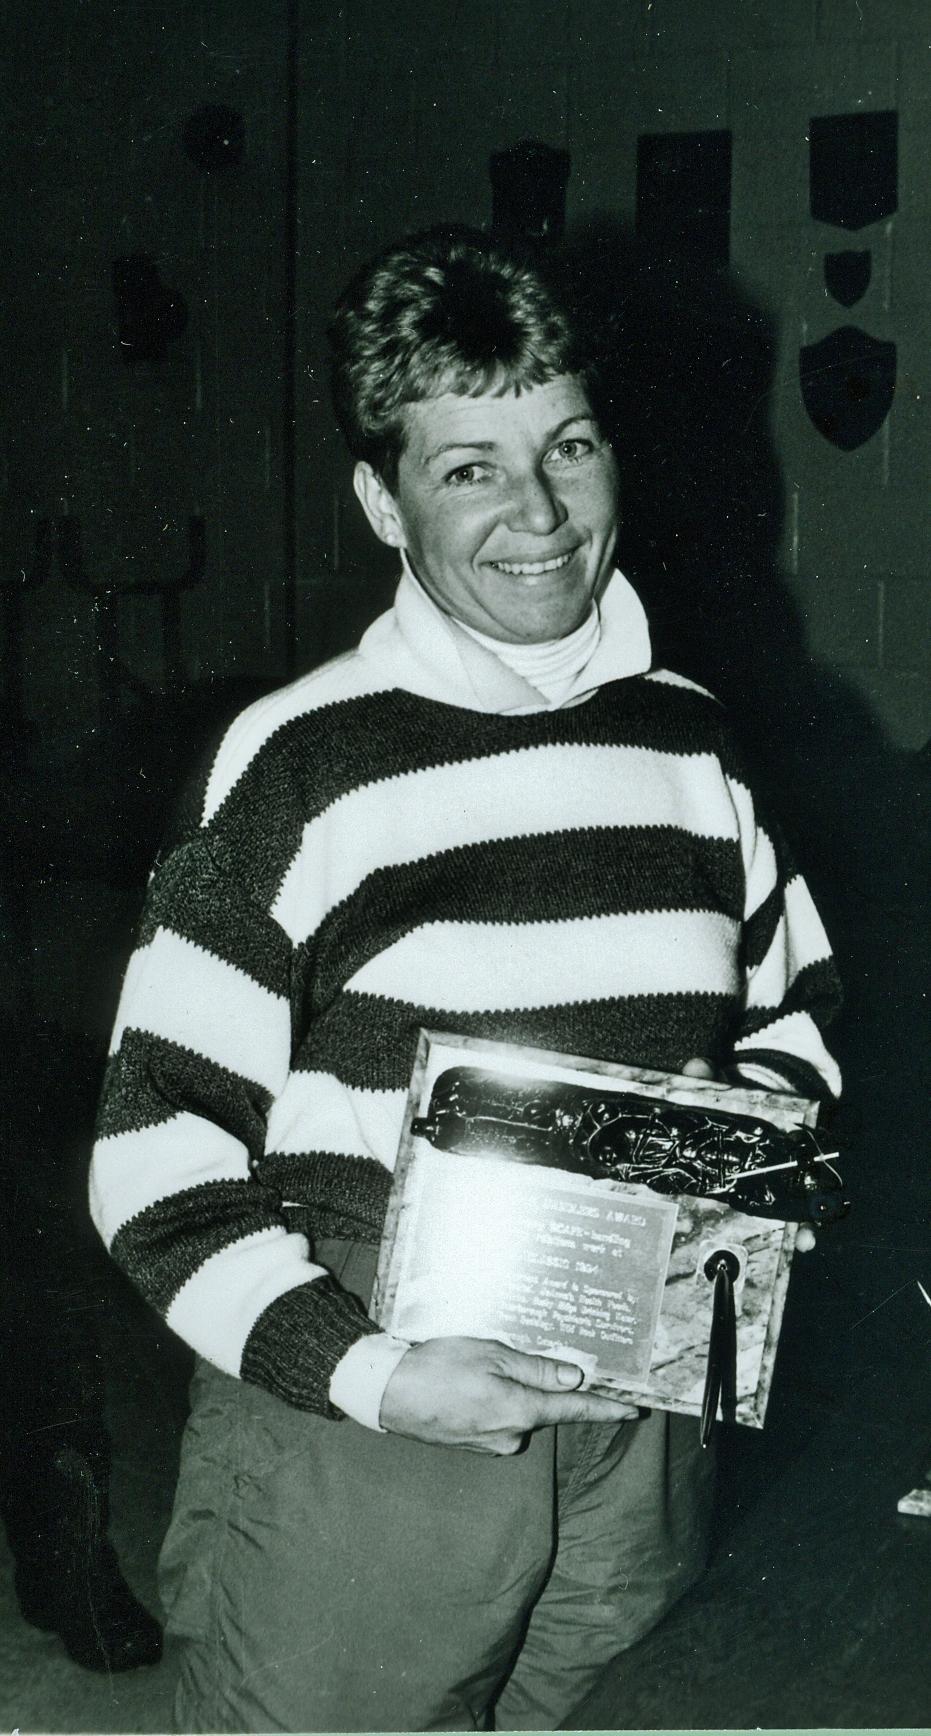 Snofest 1994 Penny Carr-Marsh, Handler's award